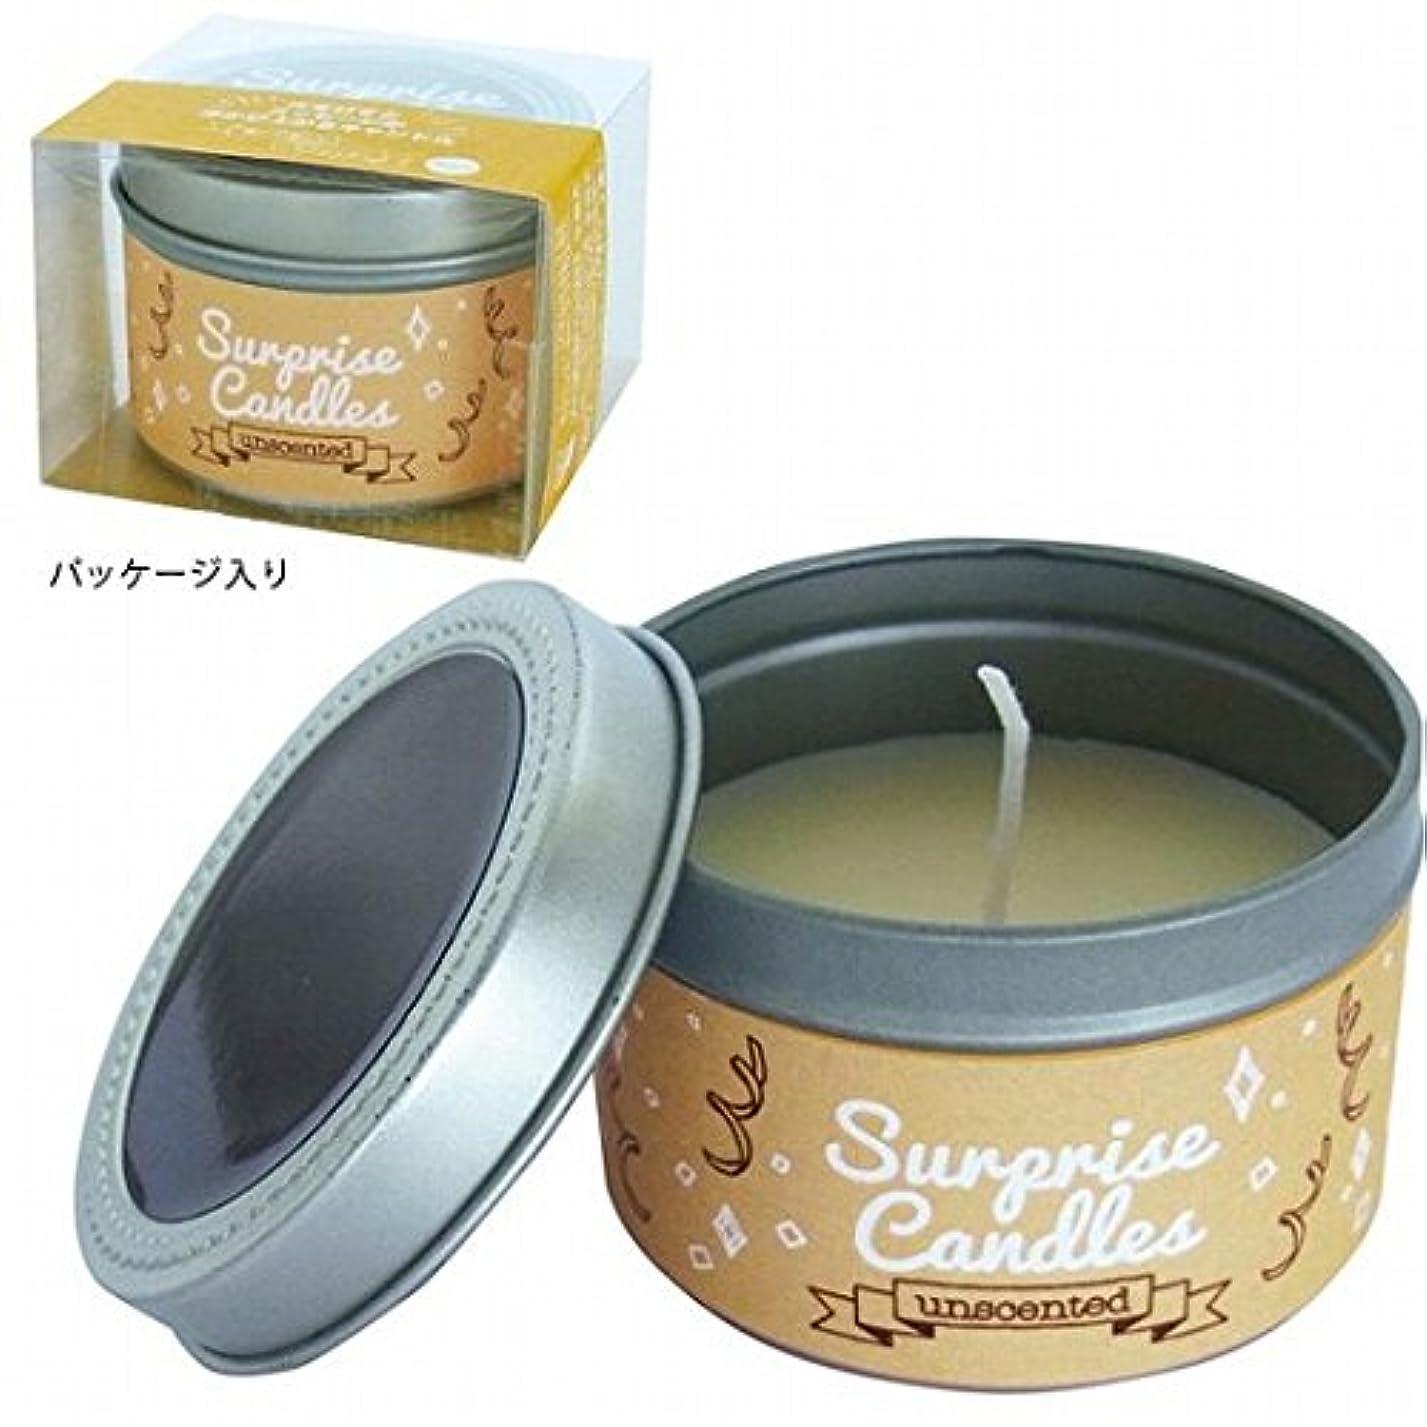 作物スプーン抵当kameyama candle(カメヤマキャンドル) サプライズキャンドル 「無香」(A207005010)